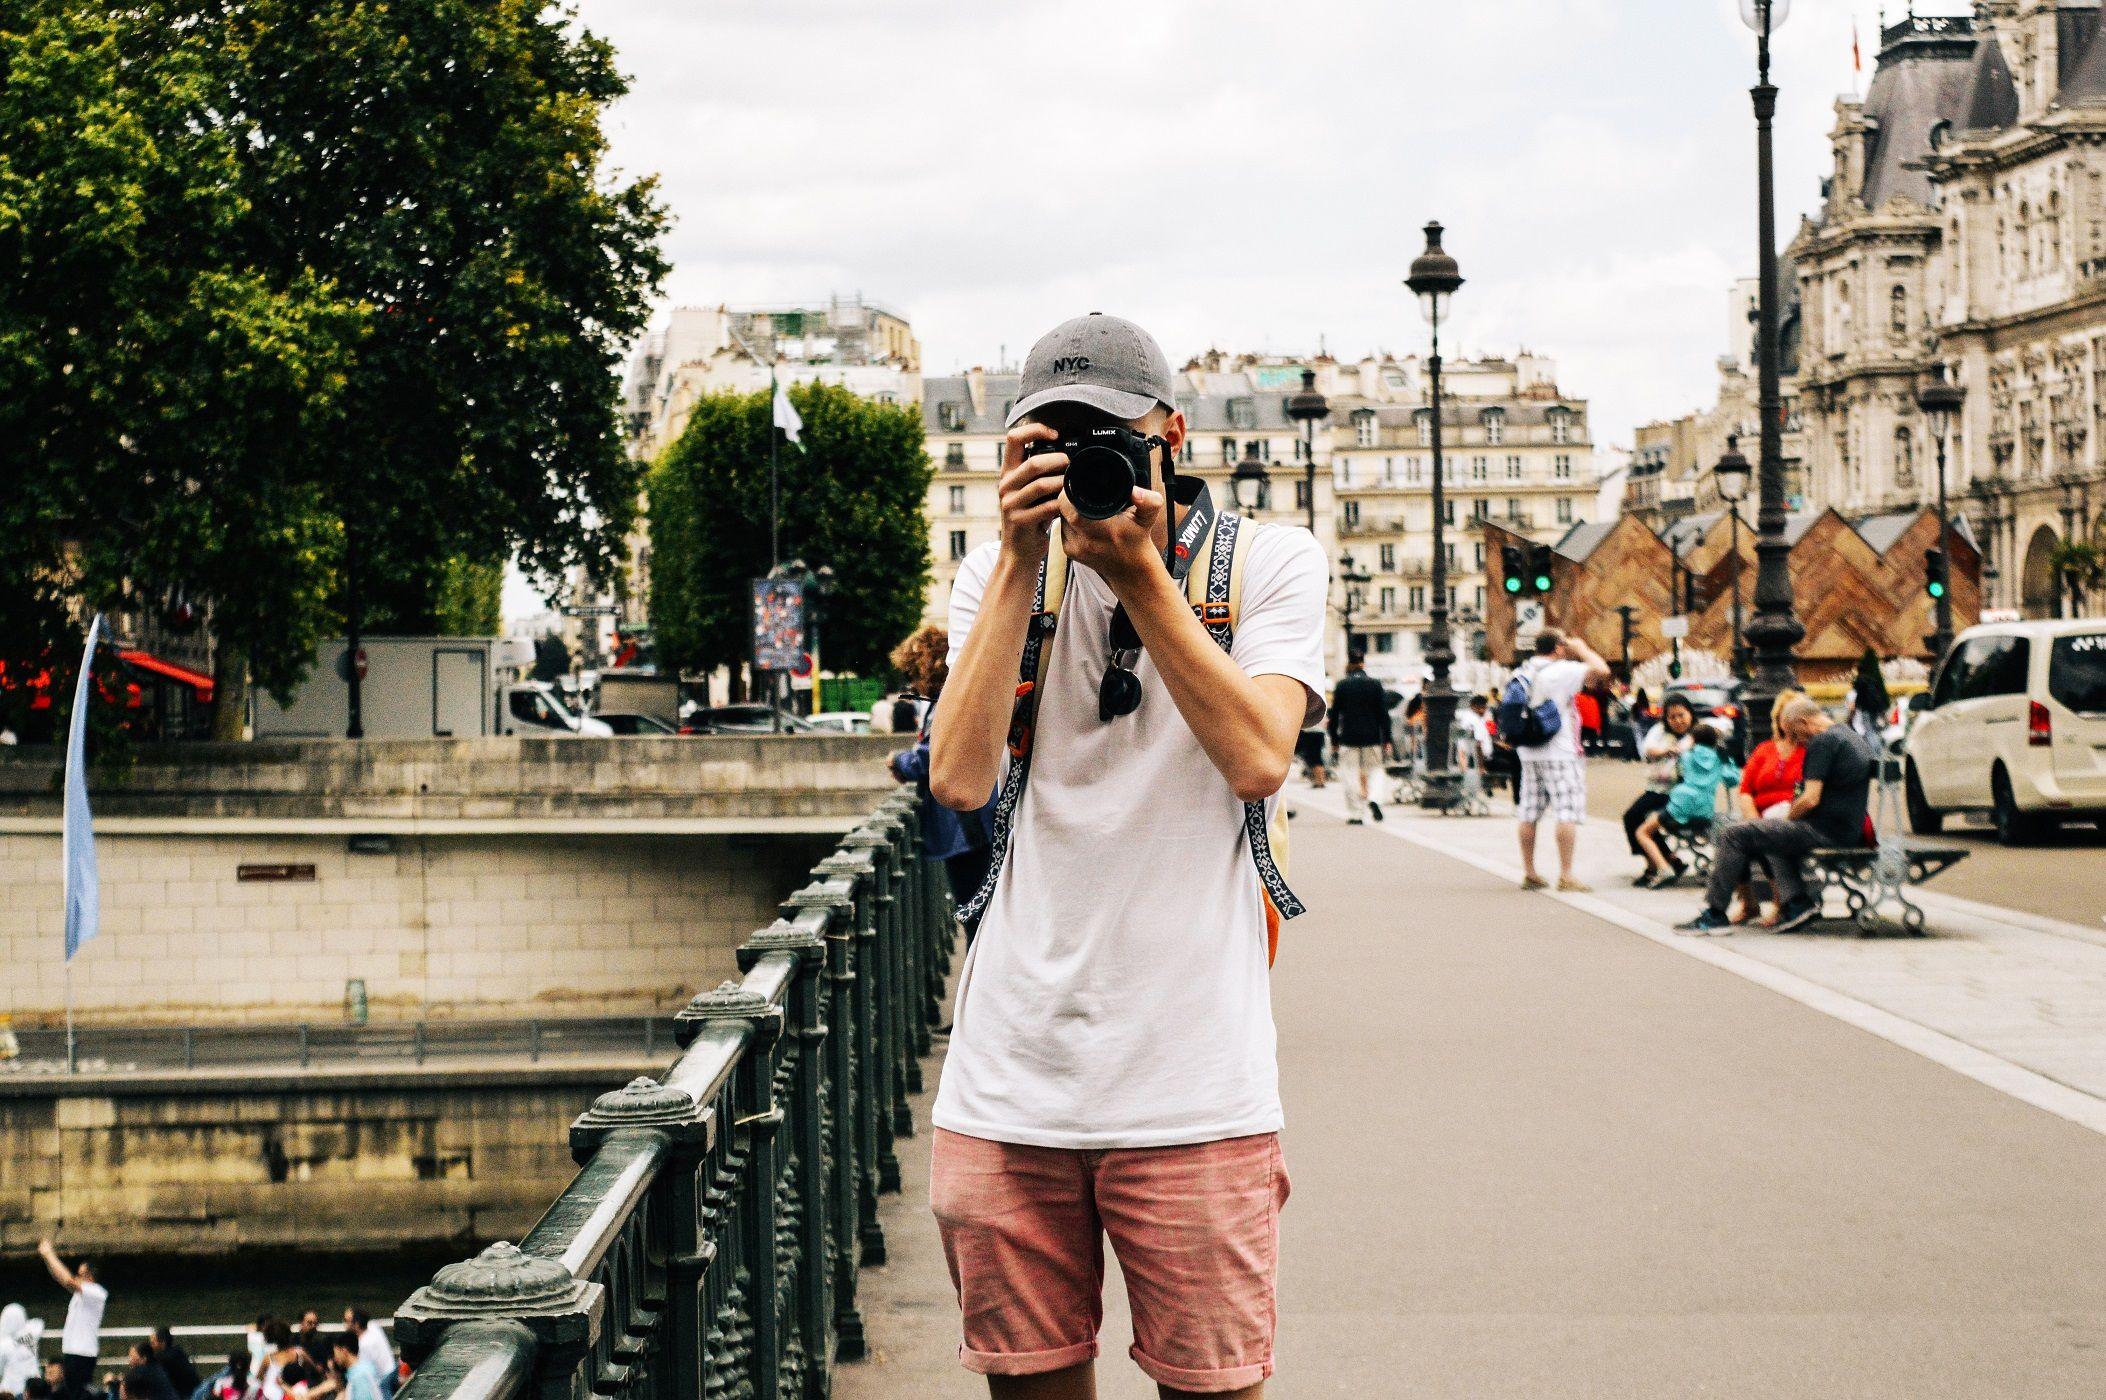 Visitare la tua città come se fossi un turista ti renderà felice come una vacanza vera, secondo uno studio